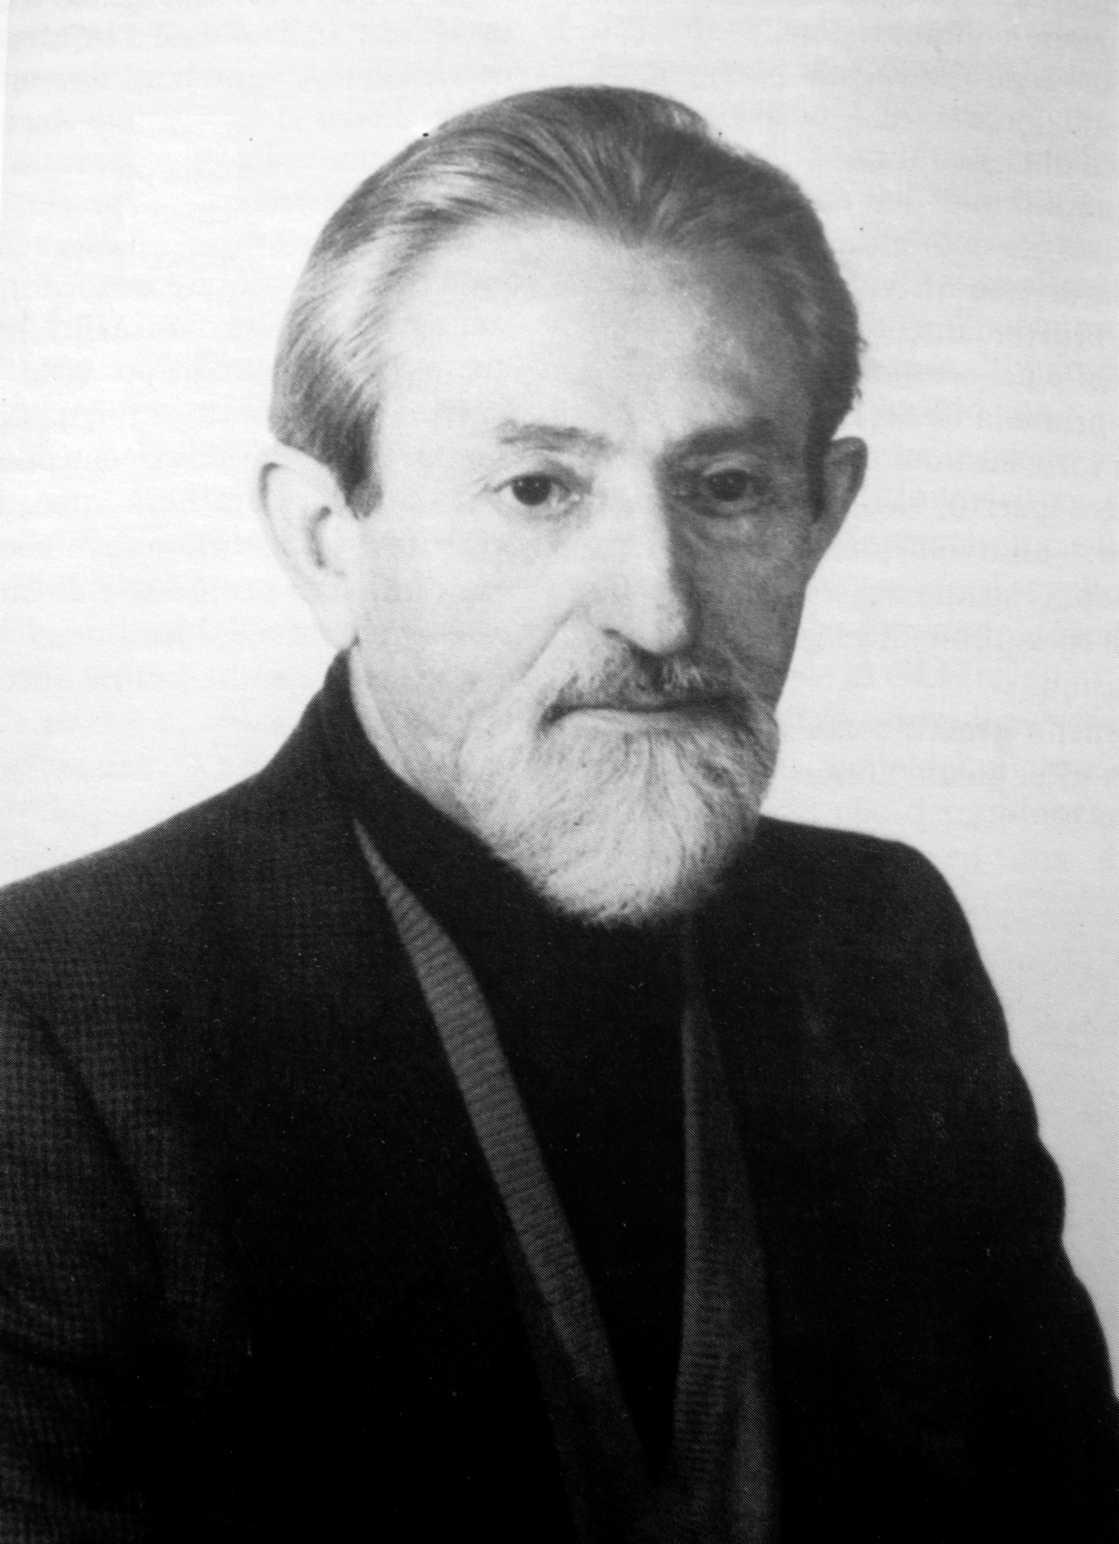 Gino Cerrito